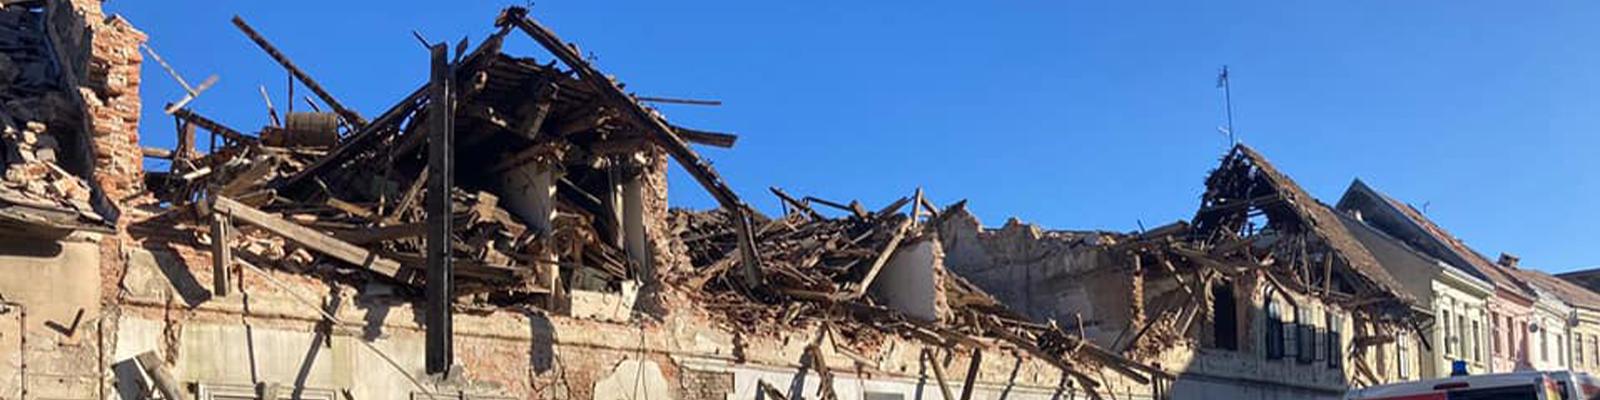 Pomoć unesrećenima uslijed razornog potresa na području Sisačko-moslavačke županije